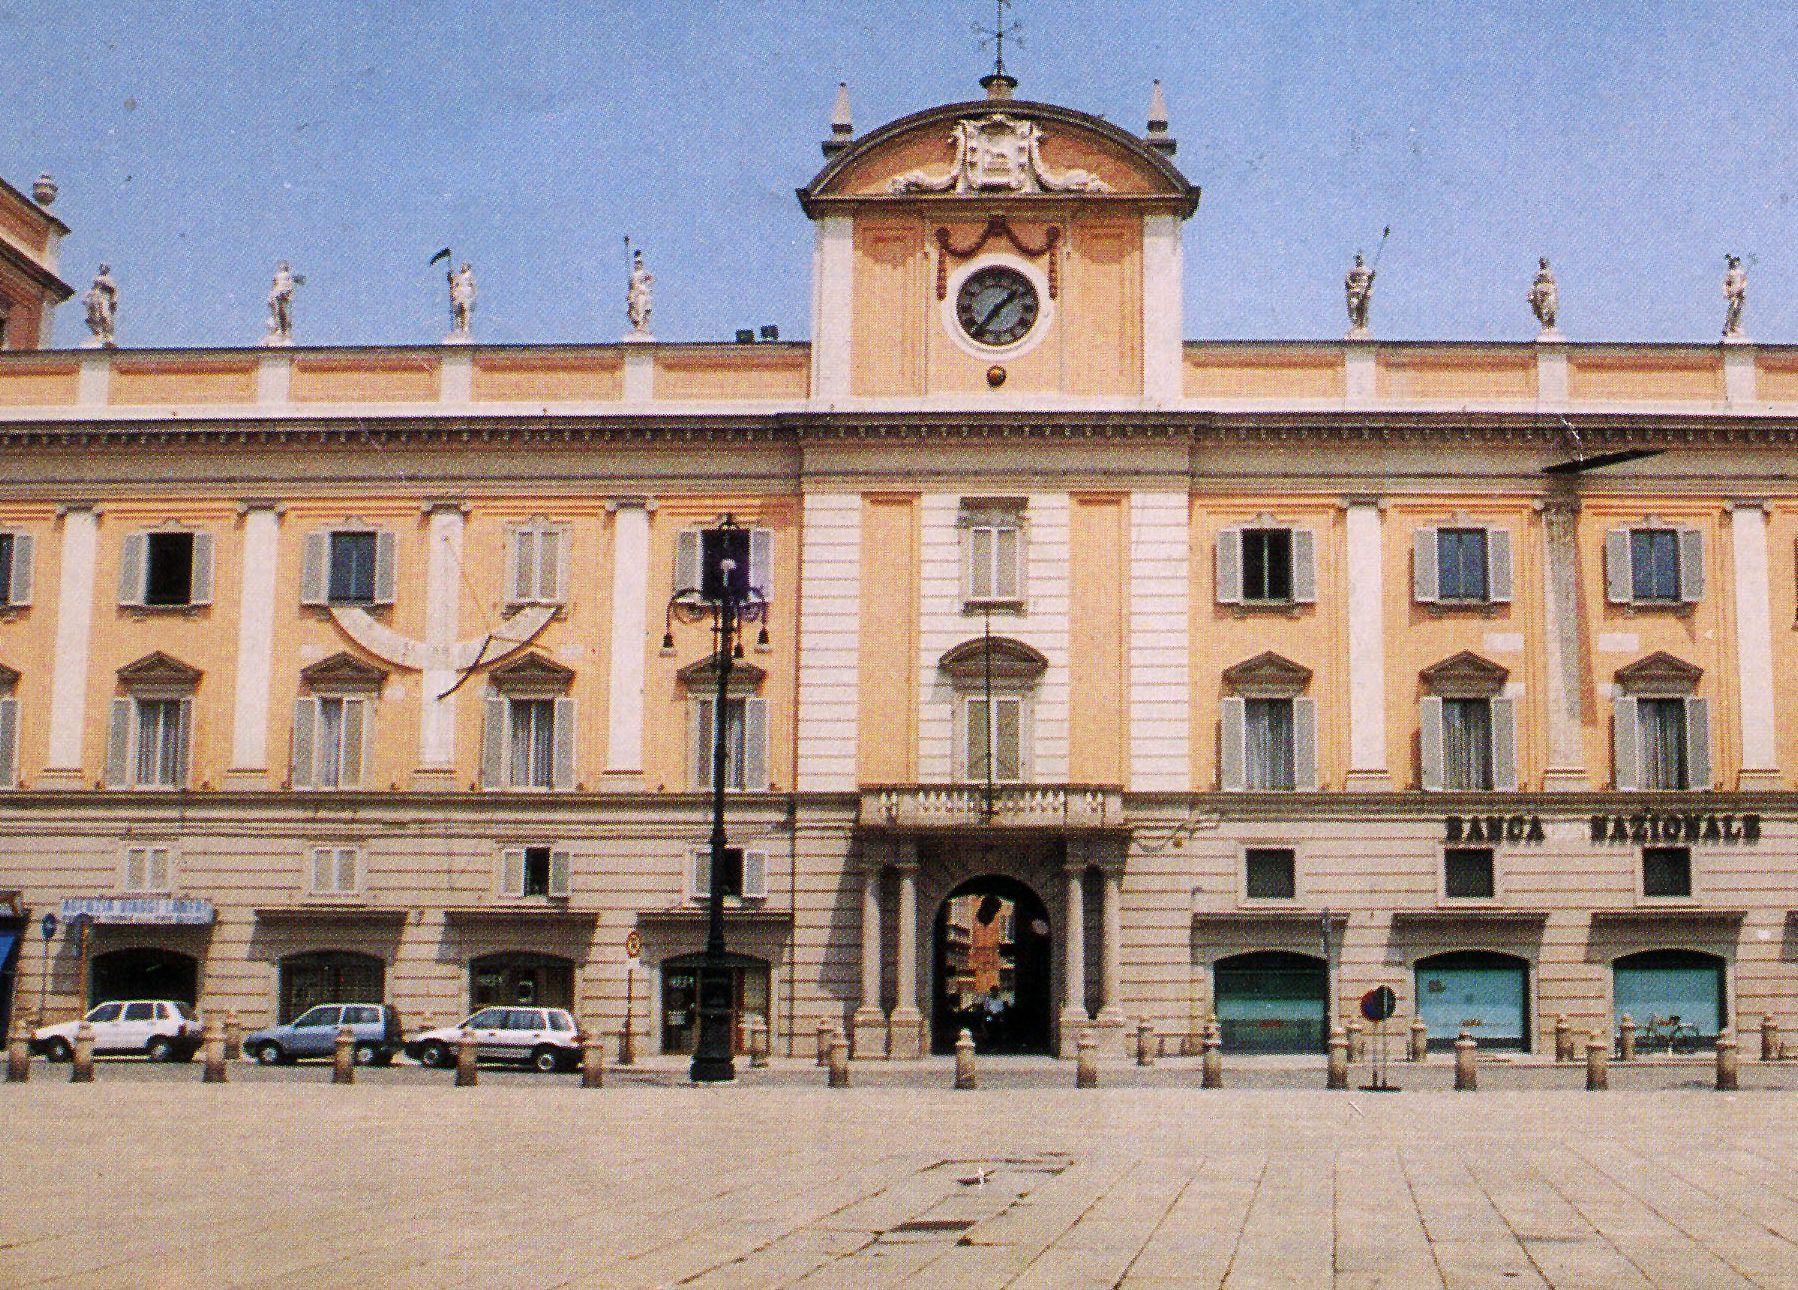 Aumentano le imprese straniere nel Piacentino. Perse oltre 340 aziende